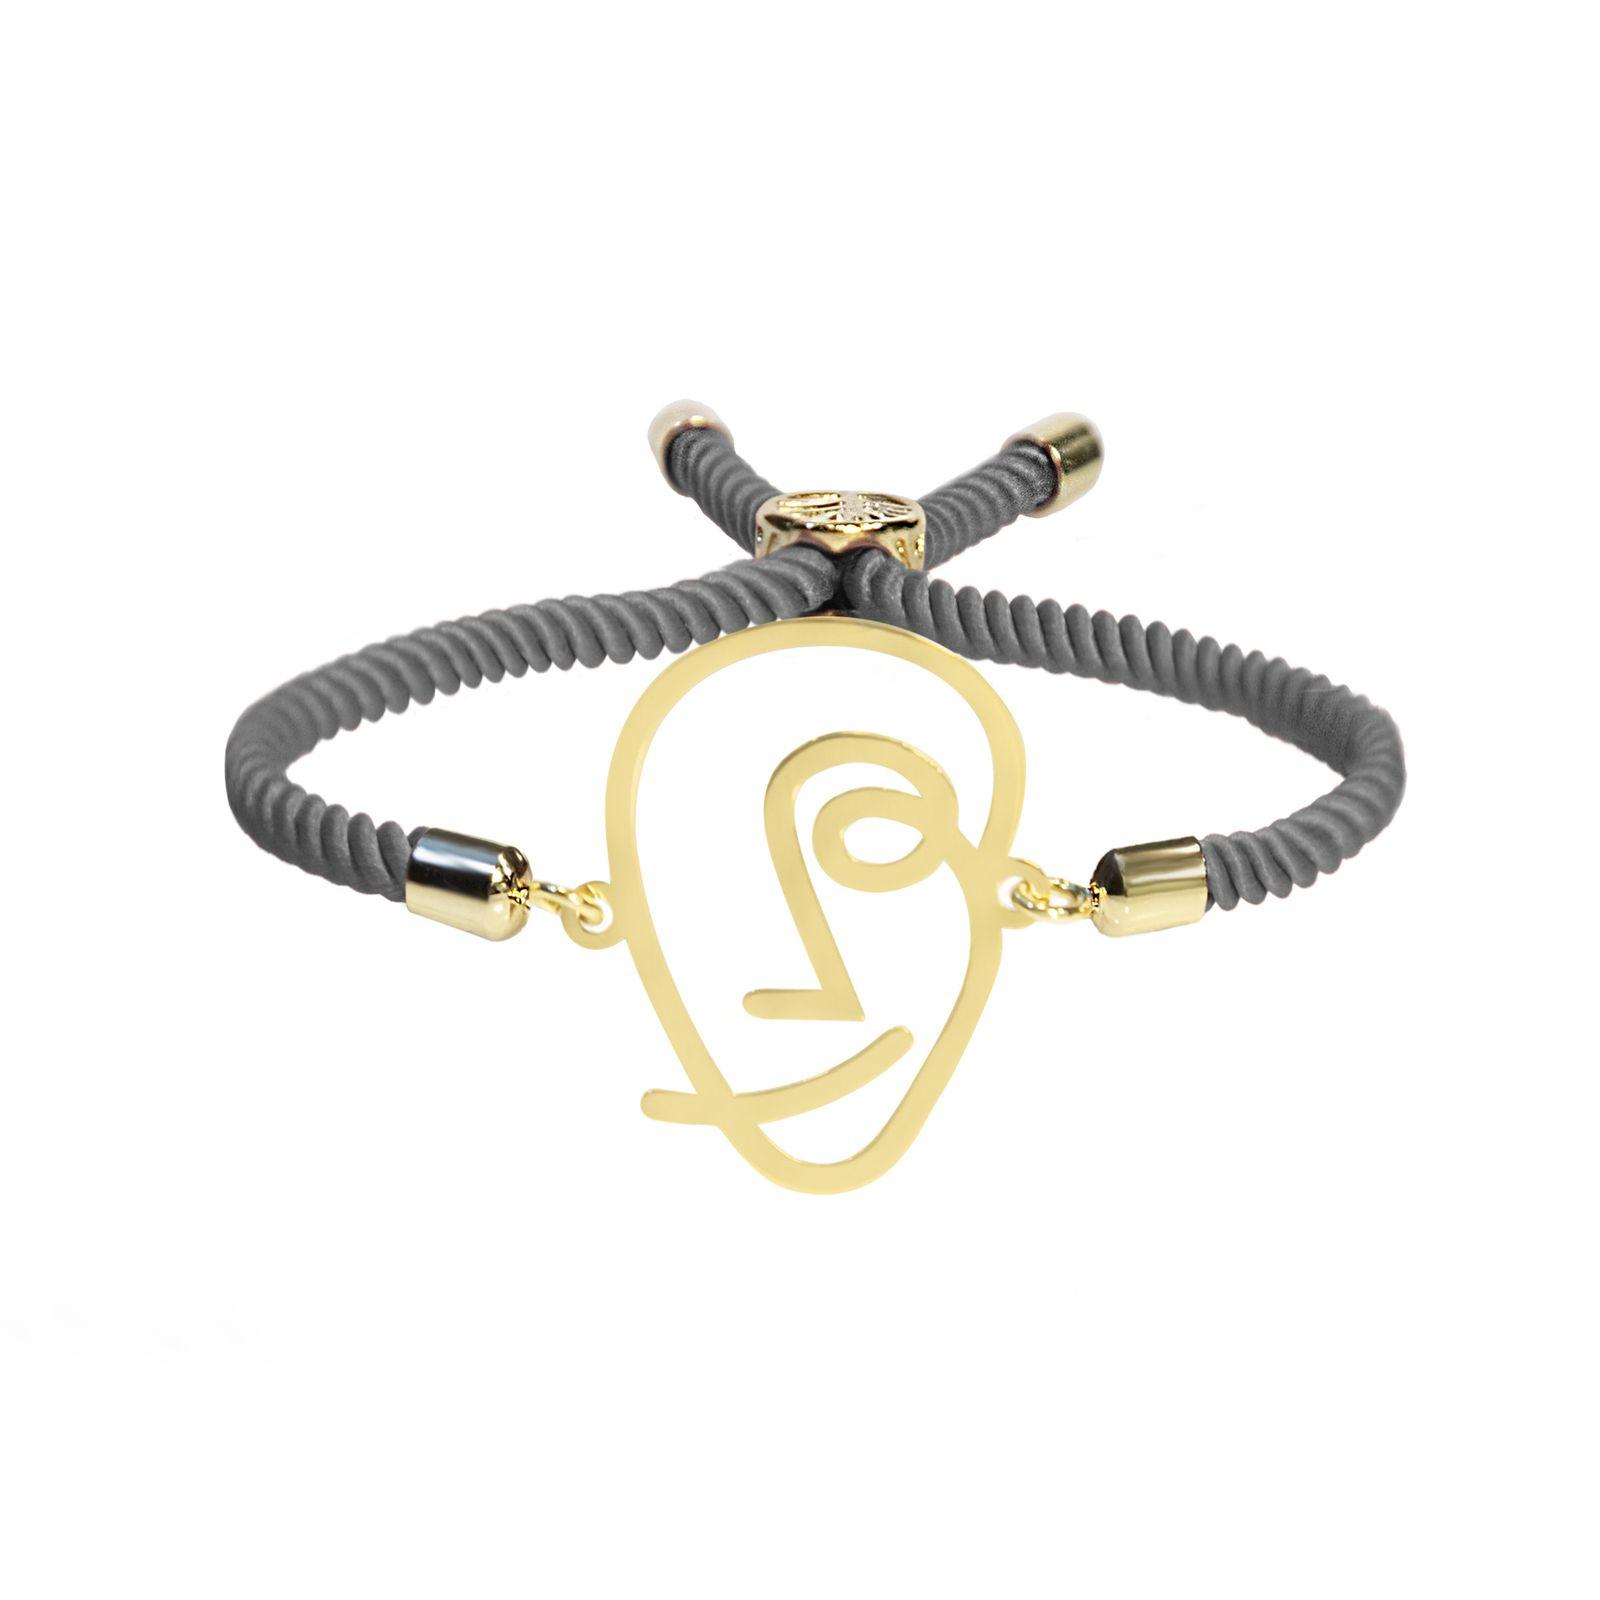 دستبند نقره زنانه آبستره مدل DSH-01 -  - 3